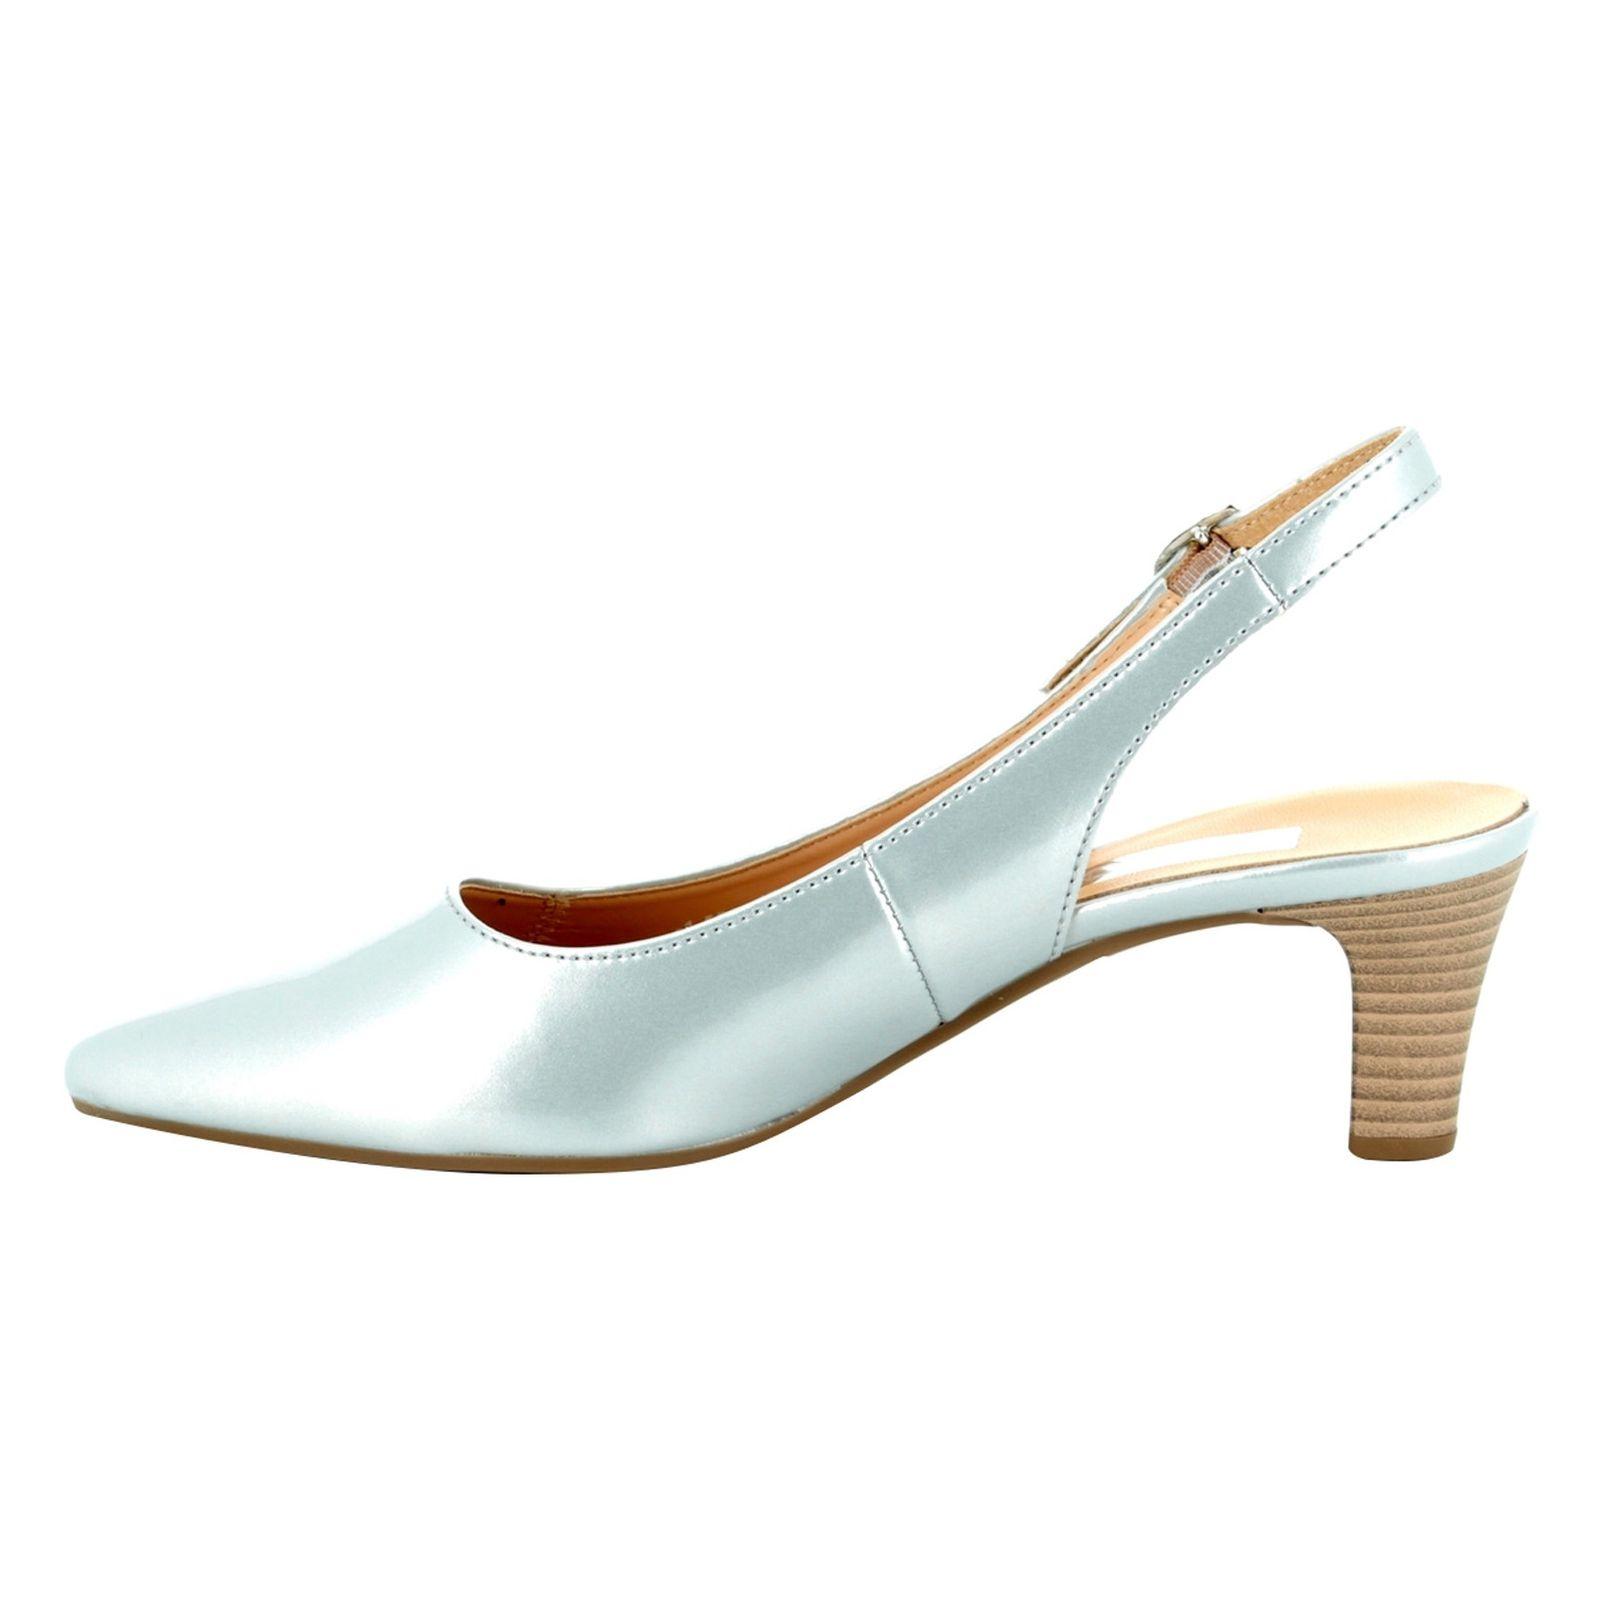 کفش زنانه گابور مدل 81.550.96 main 1 1